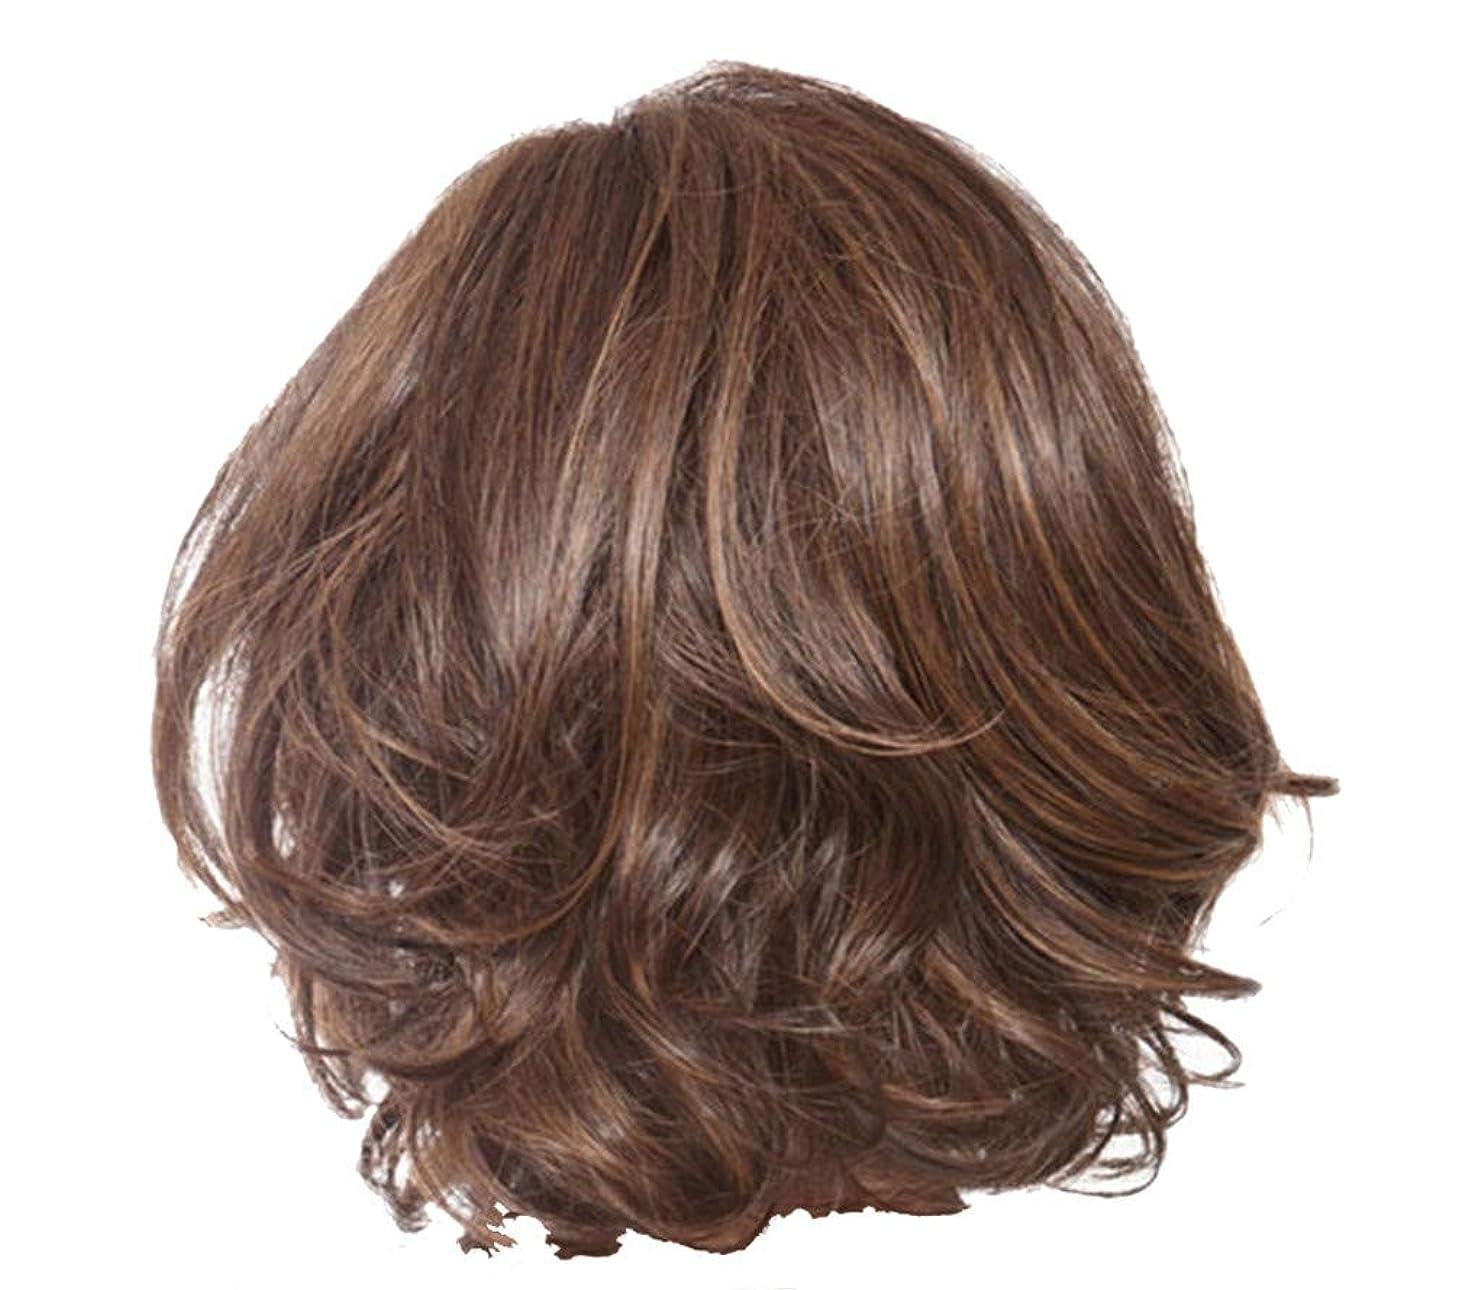 ながら領事館ヒョウウィッグ女性のセクシーな短い巻き毛のかつらクールなハンサムなかつら36 cm